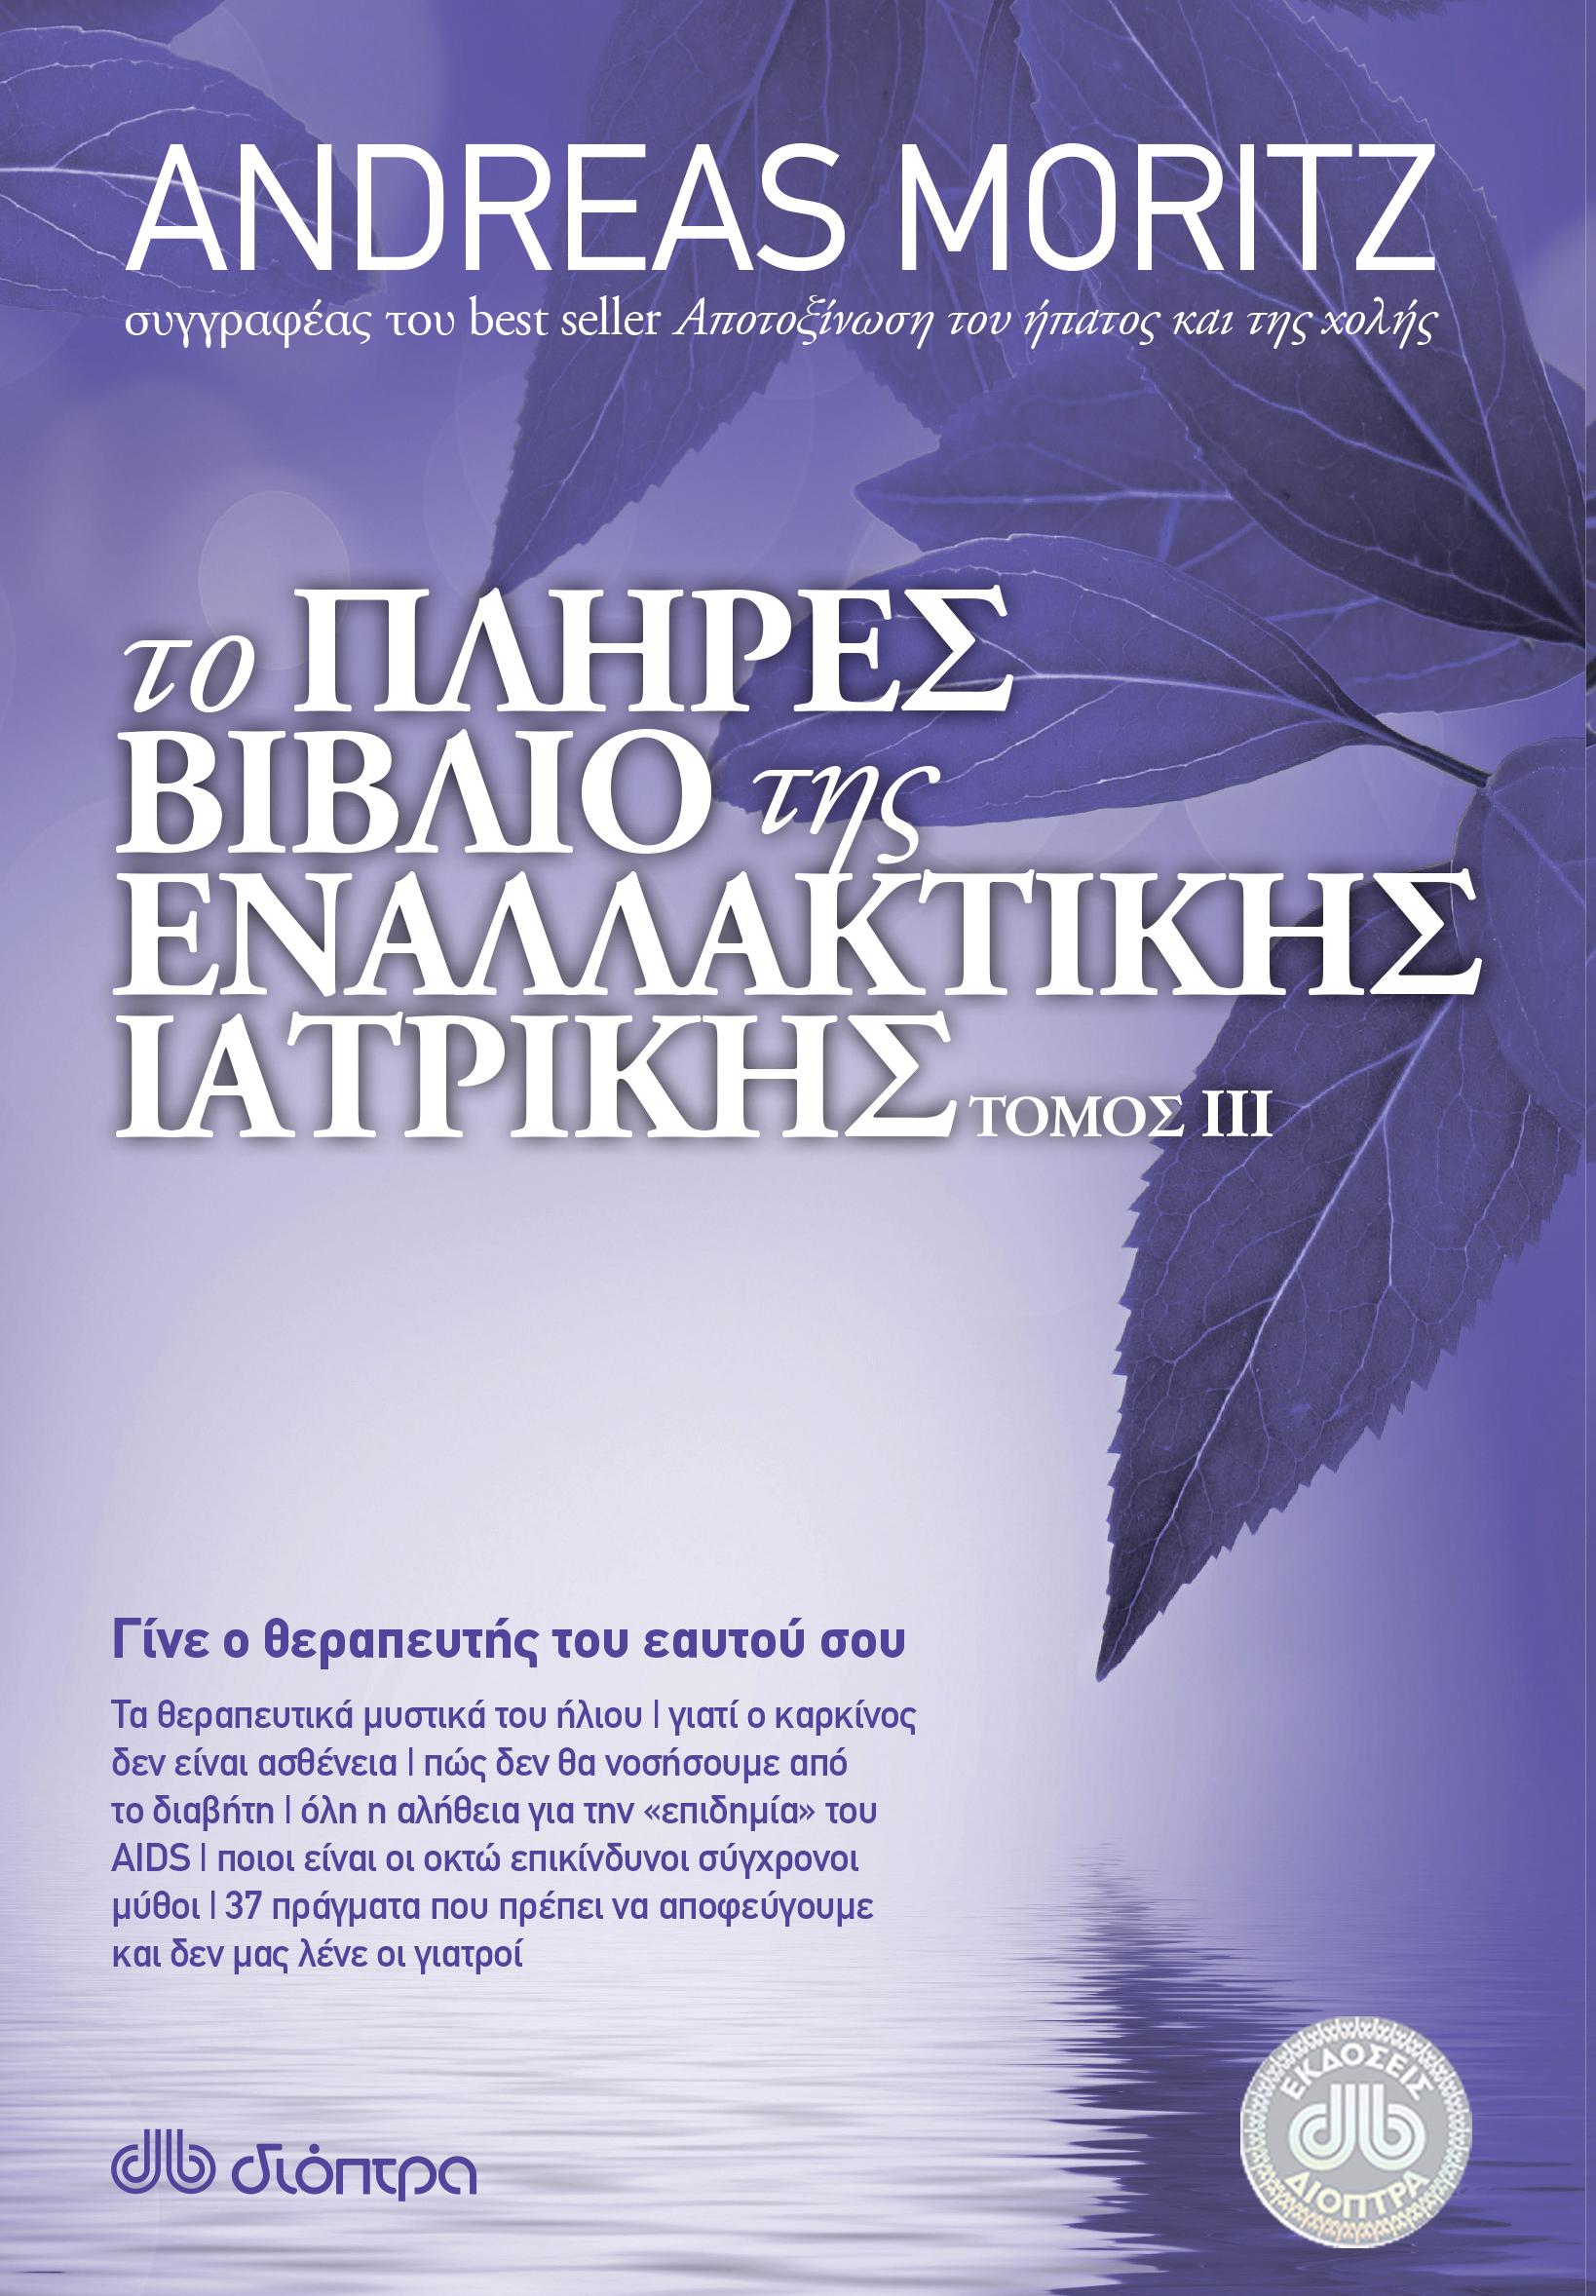 Το πλήρες βιβλίο της εναλλακτικής ιατρικής τόμος III υγεία   διατροφή